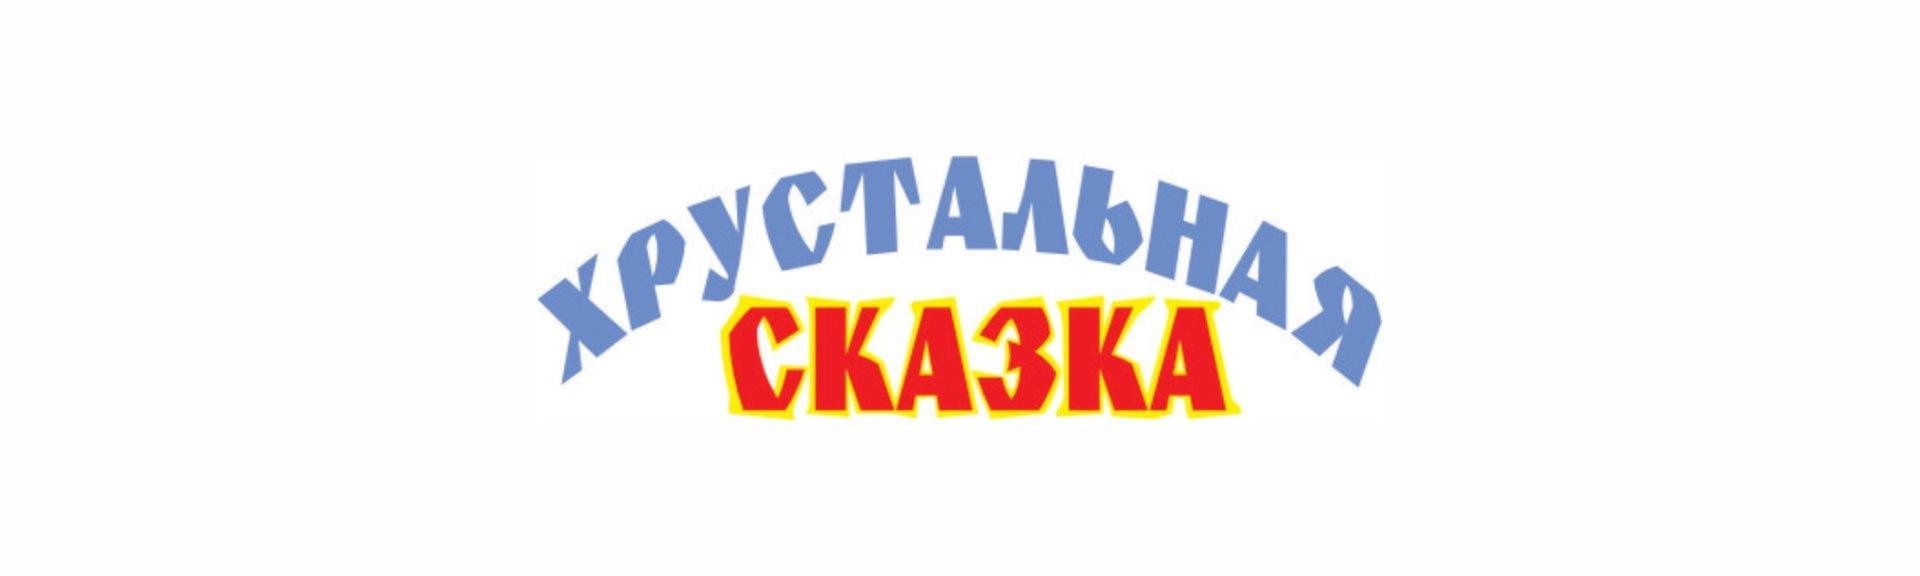 https://www.almazcom.ru/pub/img/QA/346/Ledyanoj_gorodok_KHrustalnaya_skazka.jpg